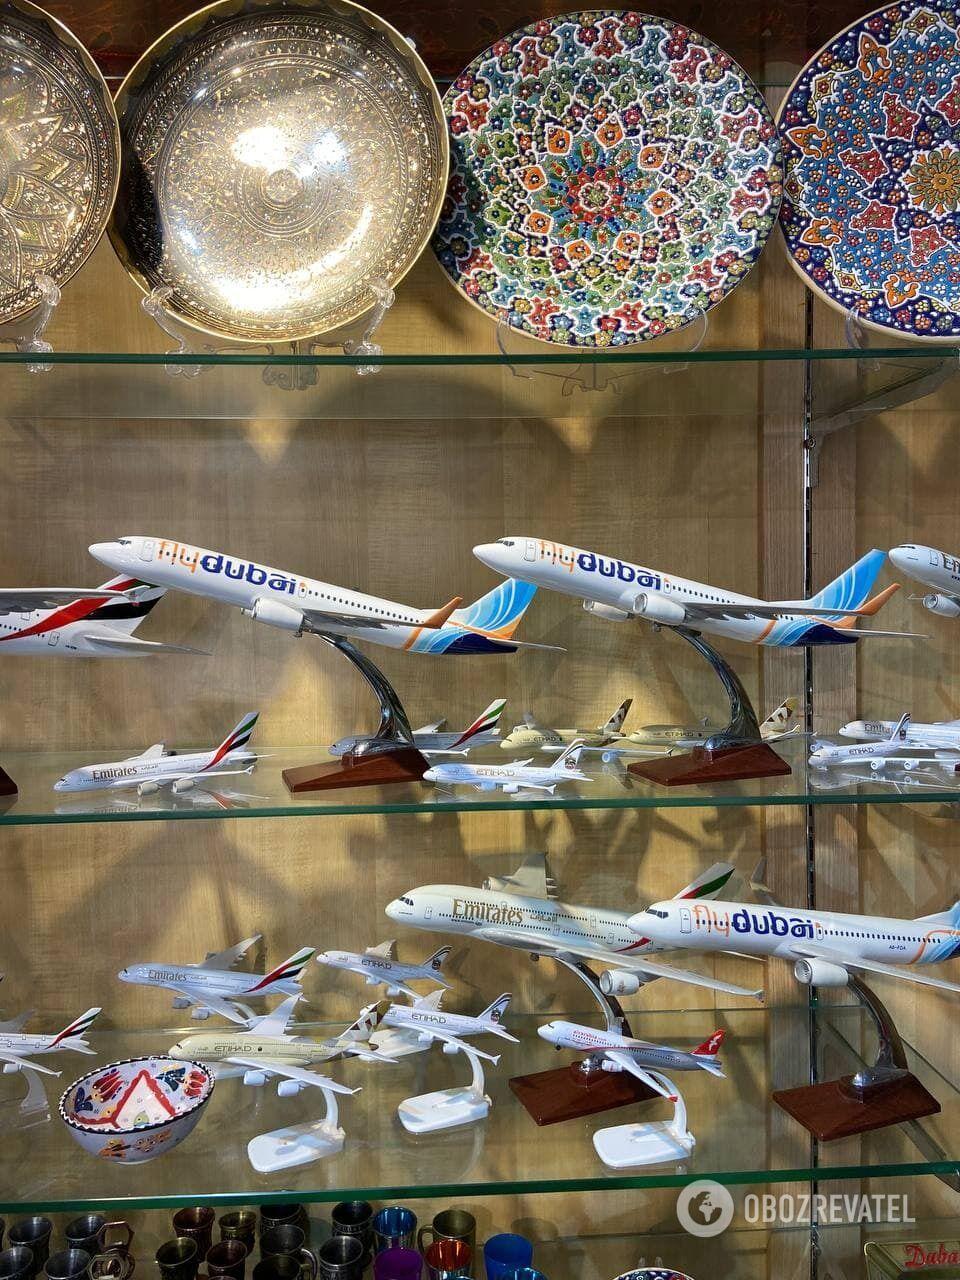 Макеты самолетов flydubai в сувенирной лавке района Аль-Фахиди.